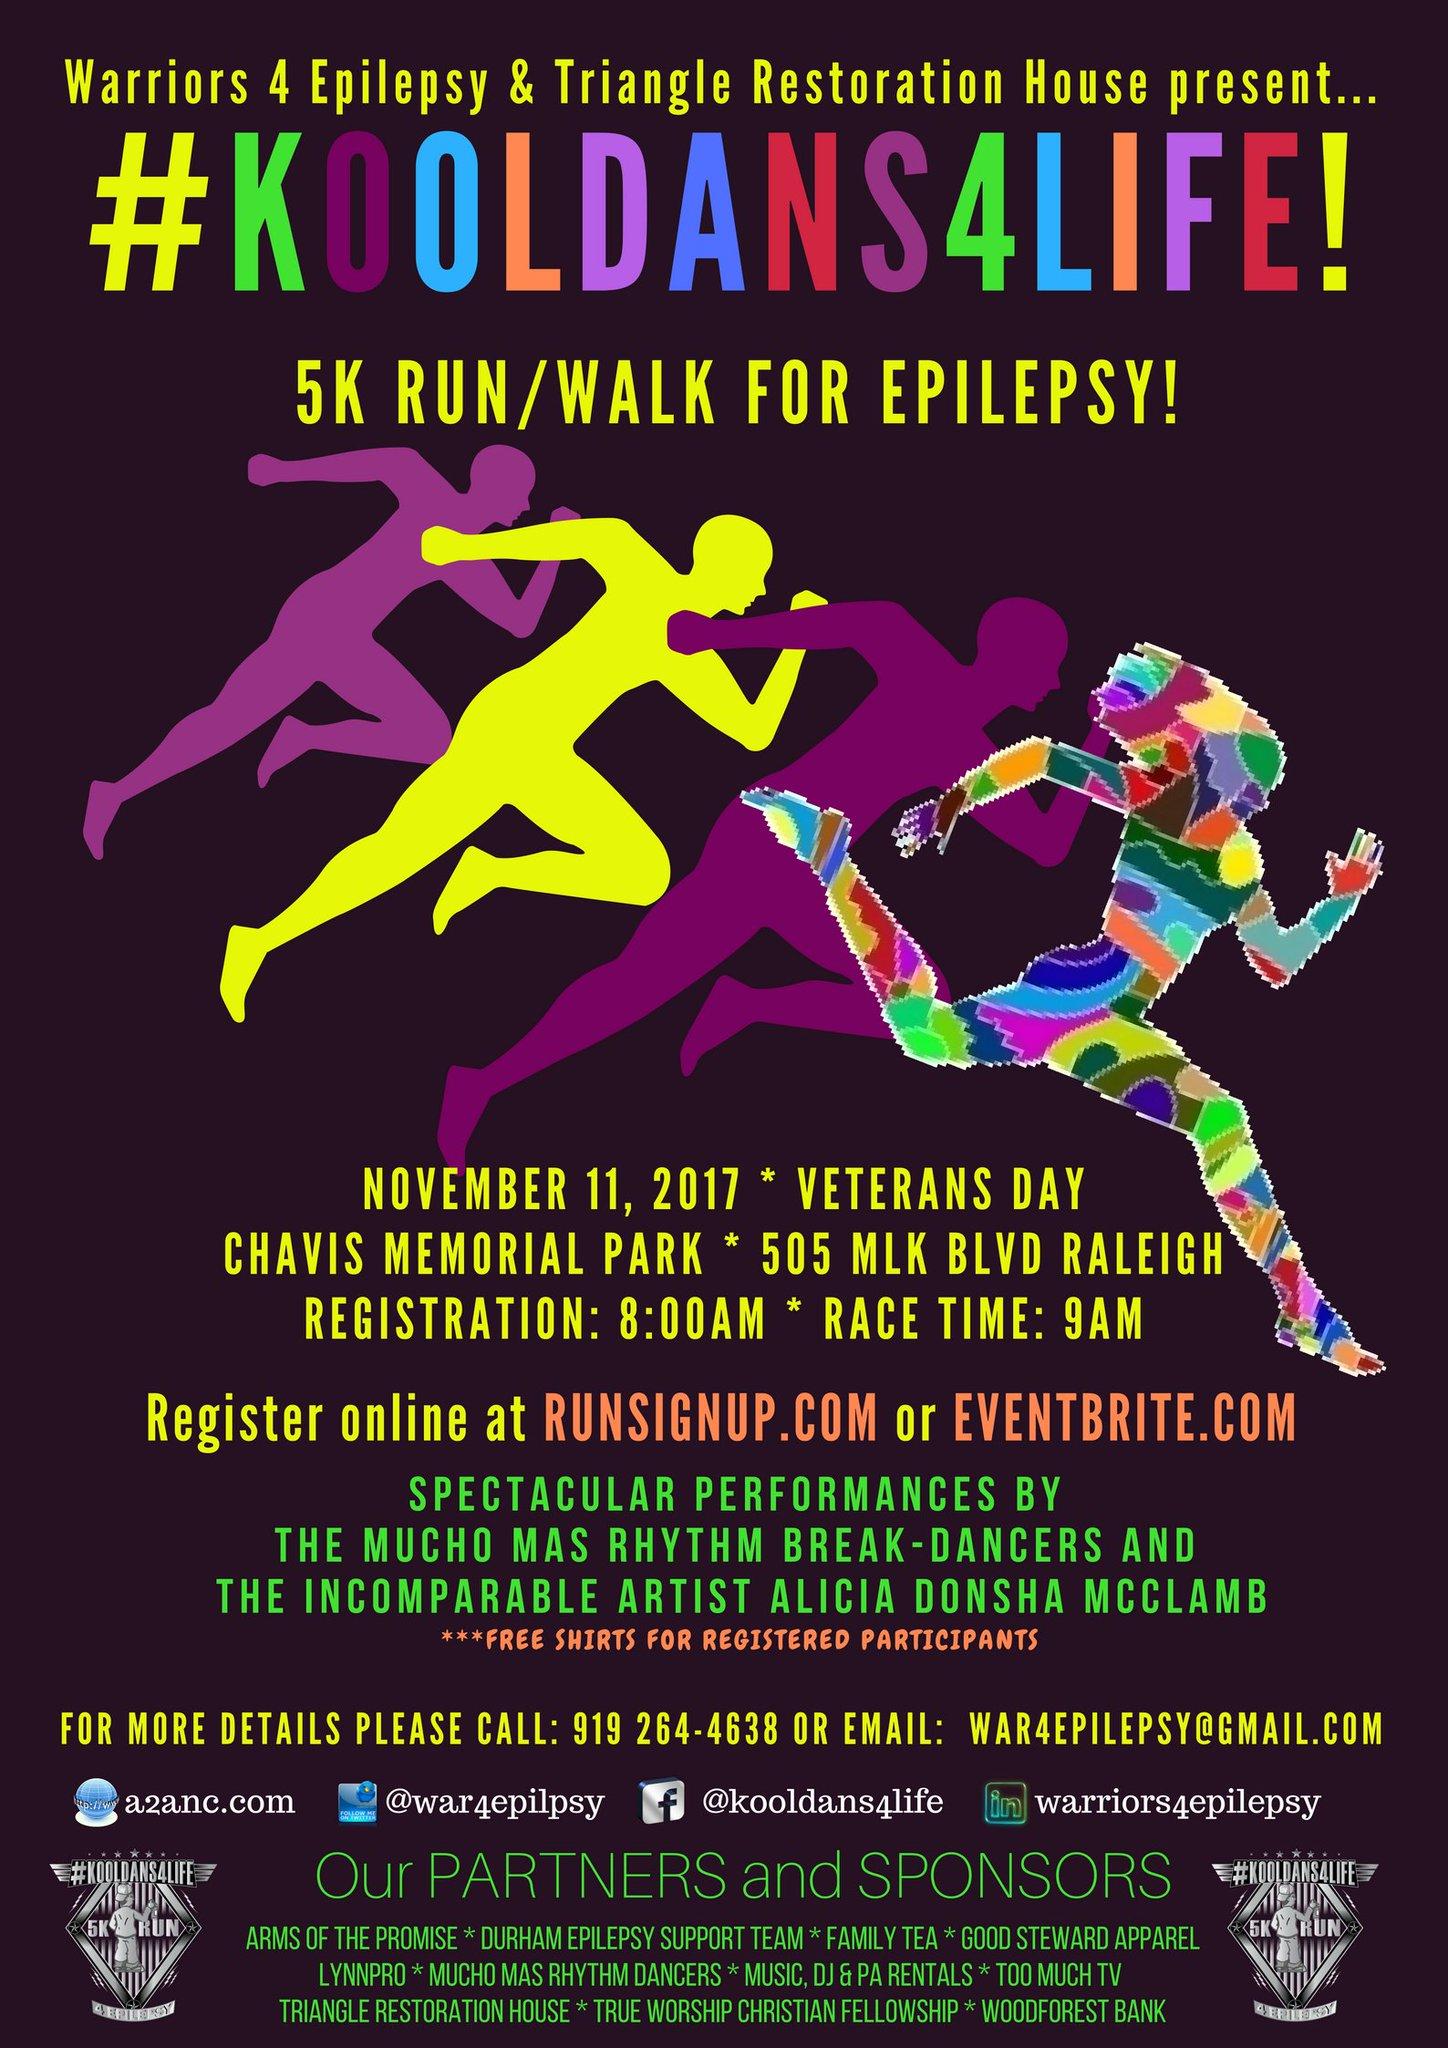 Kool Dans 4 Life 5K Run for Epilepsy